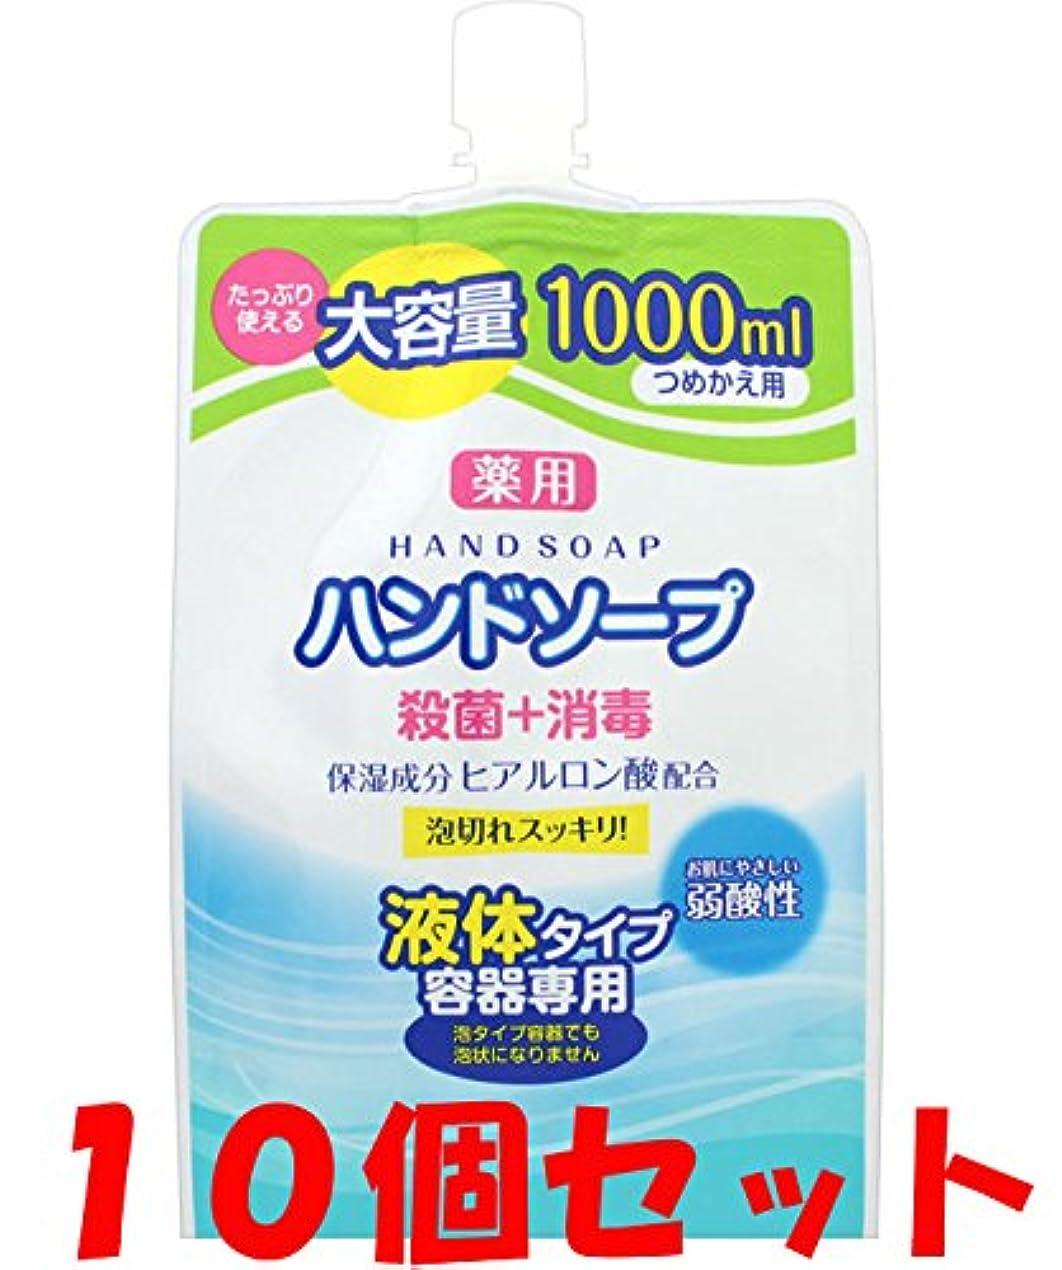 着替えるバンドアクション【10個セット】薬用 液体ハンドソープ 詰替 1000ml